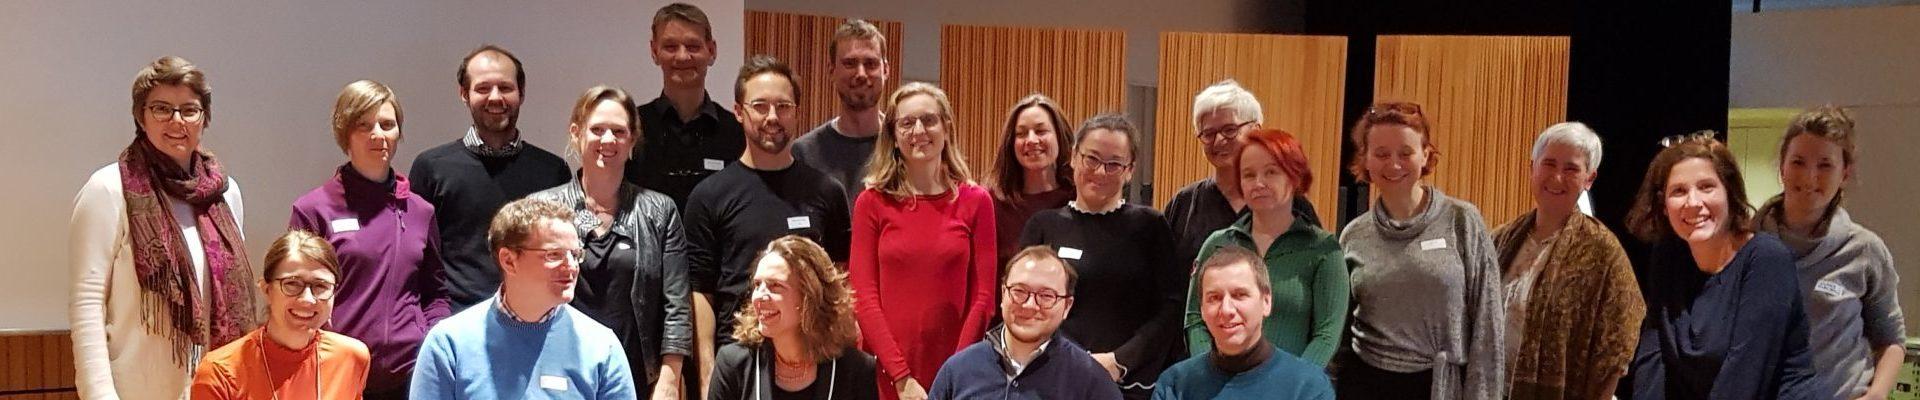 Forum Musikvermittlung  an Hochschulen und Universitäten